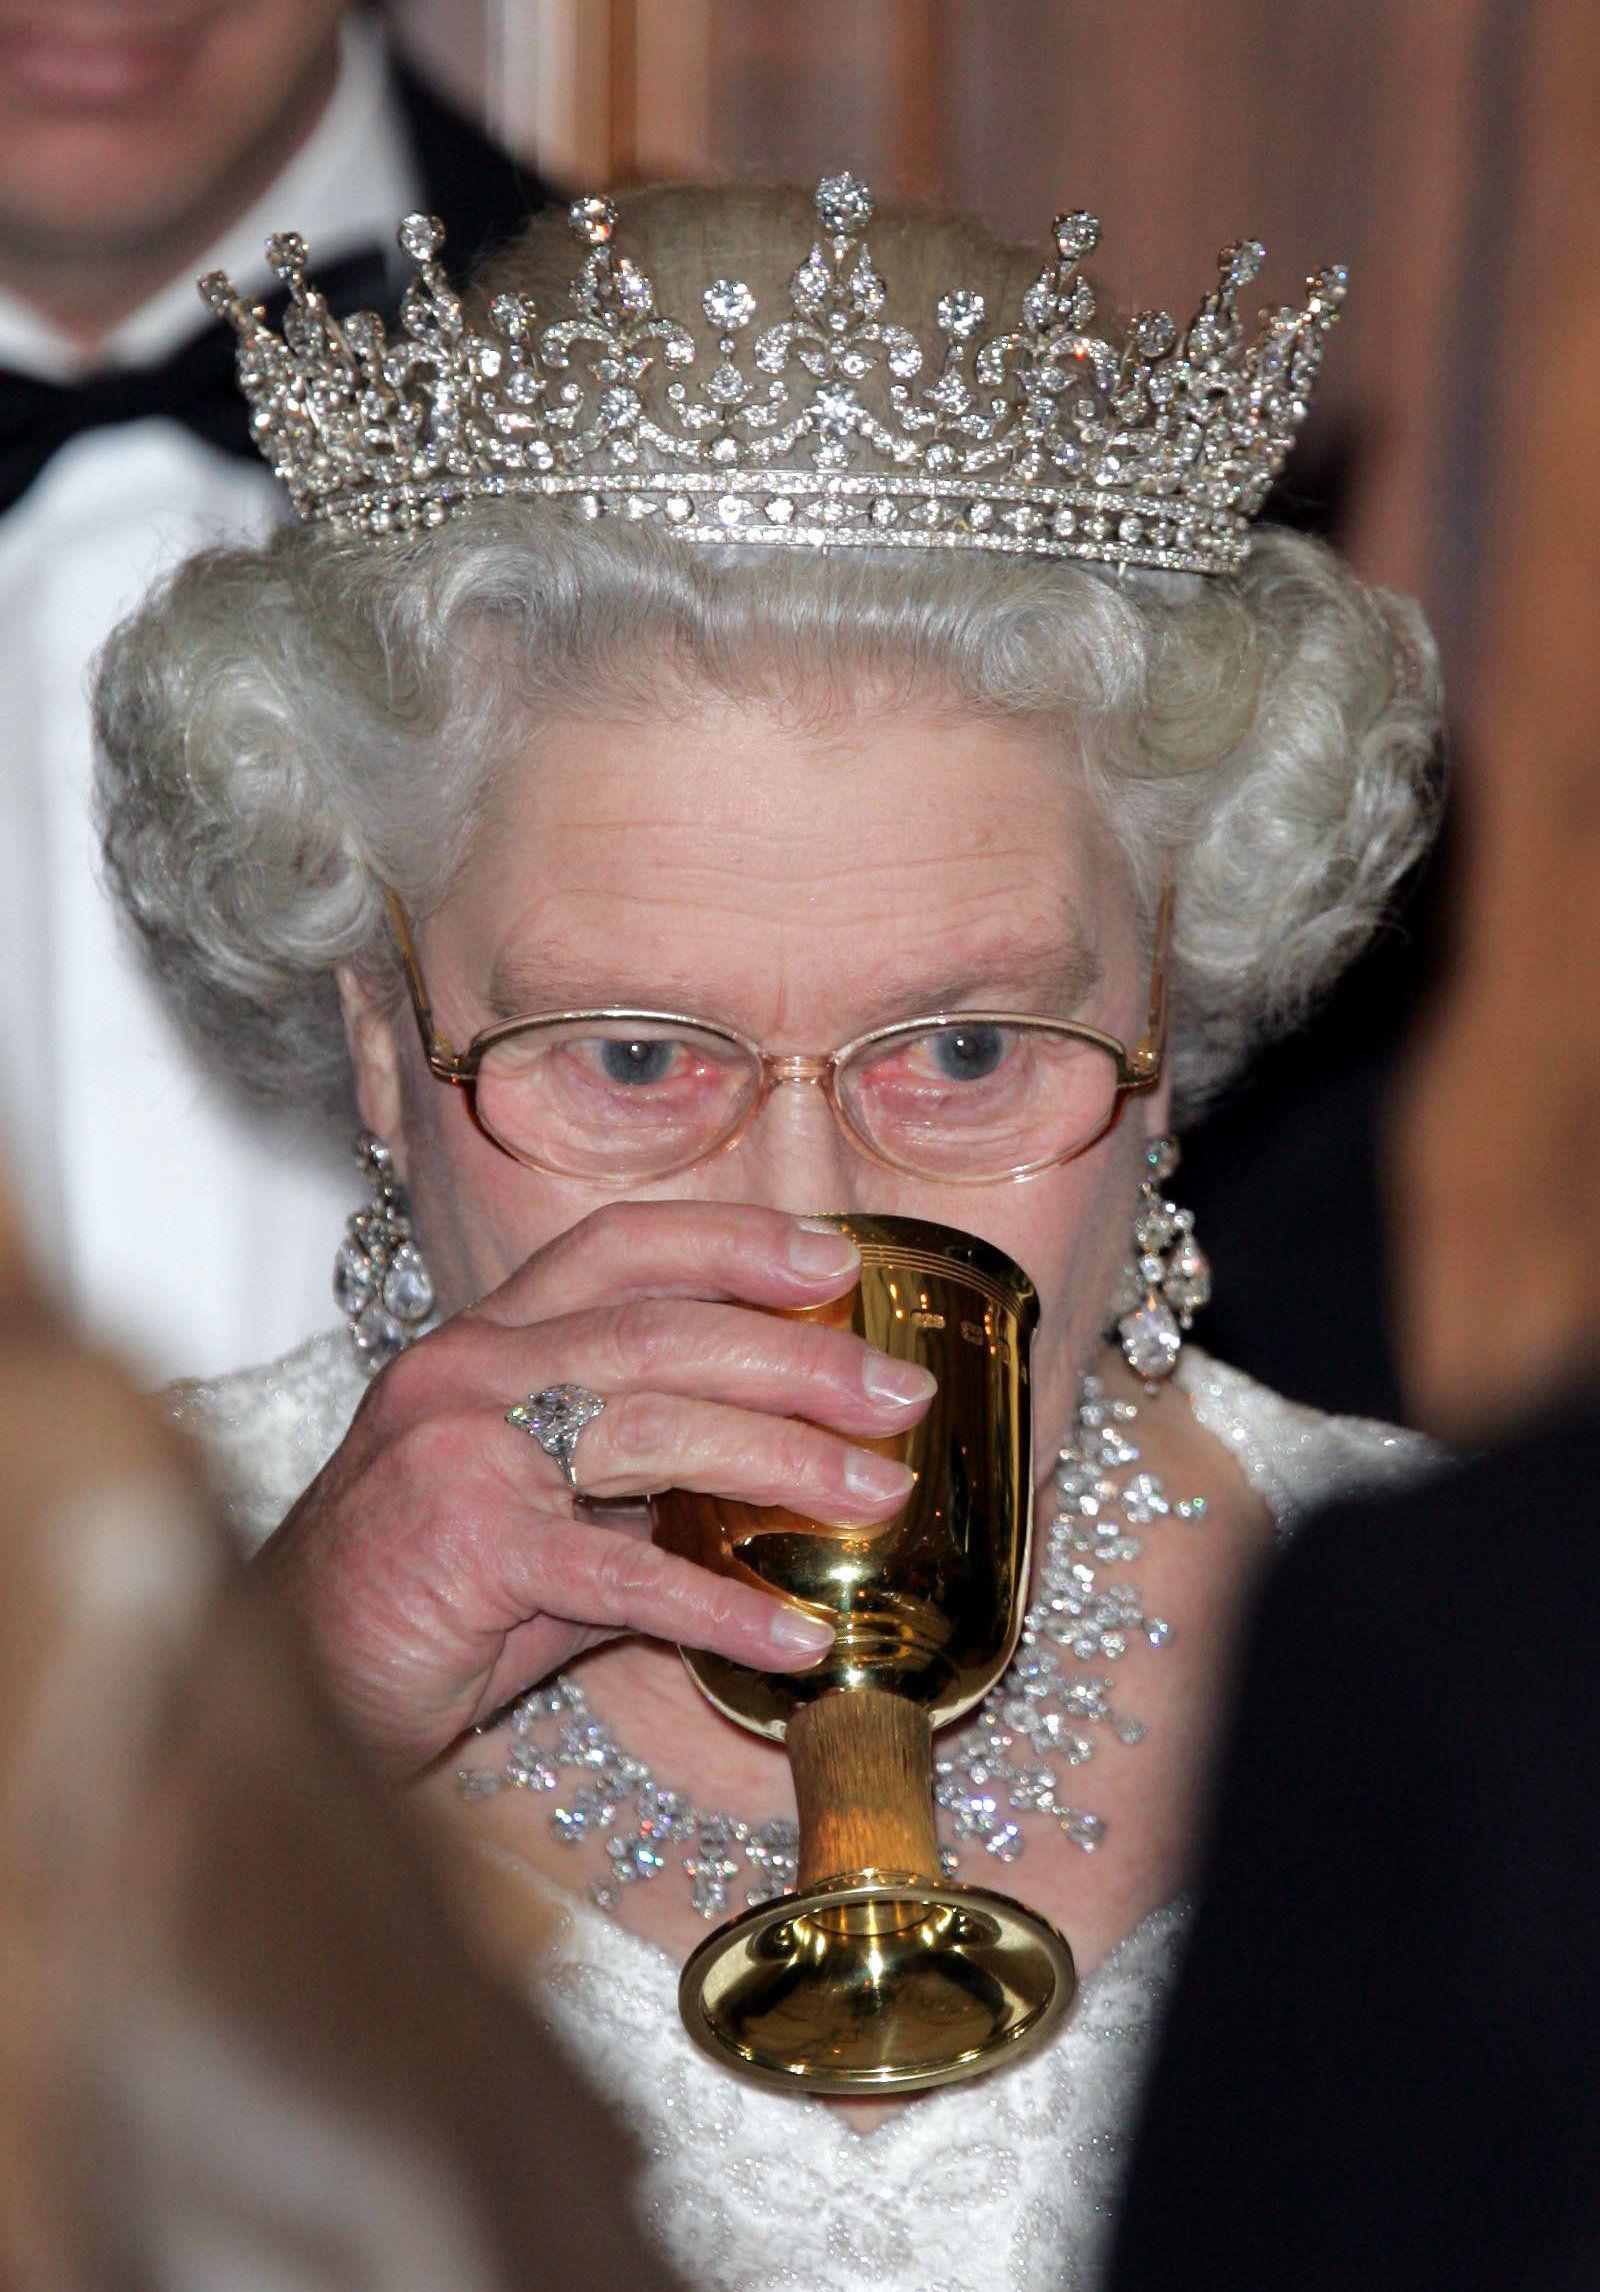 """Nổi tiếng dung dị, nhưng hóa ra Công nương Kate Middleton cũng từng phá luật """"chất chơi"""" nào kém Meghan Markle - Ảnh 3."""